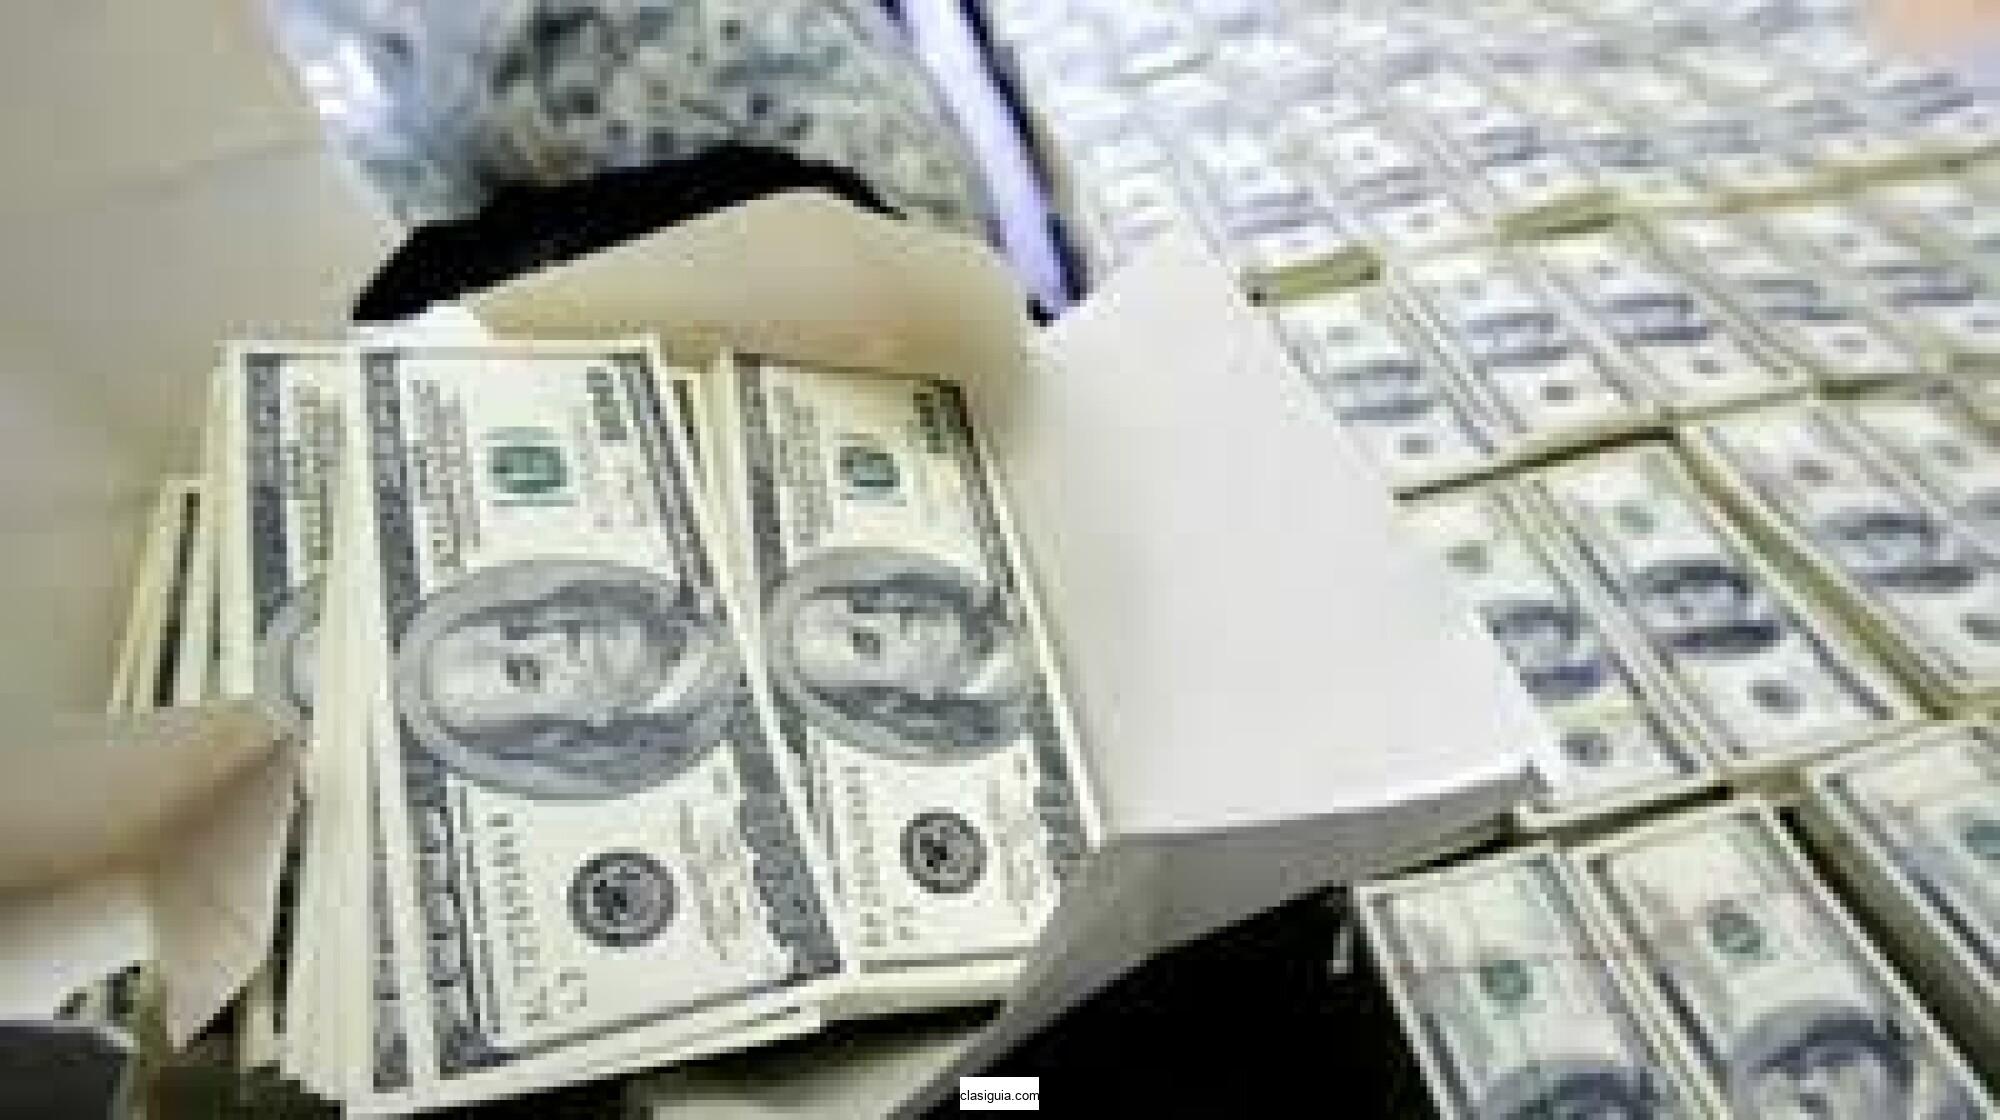 préstamo de financiamiento a cualquier persona capaz